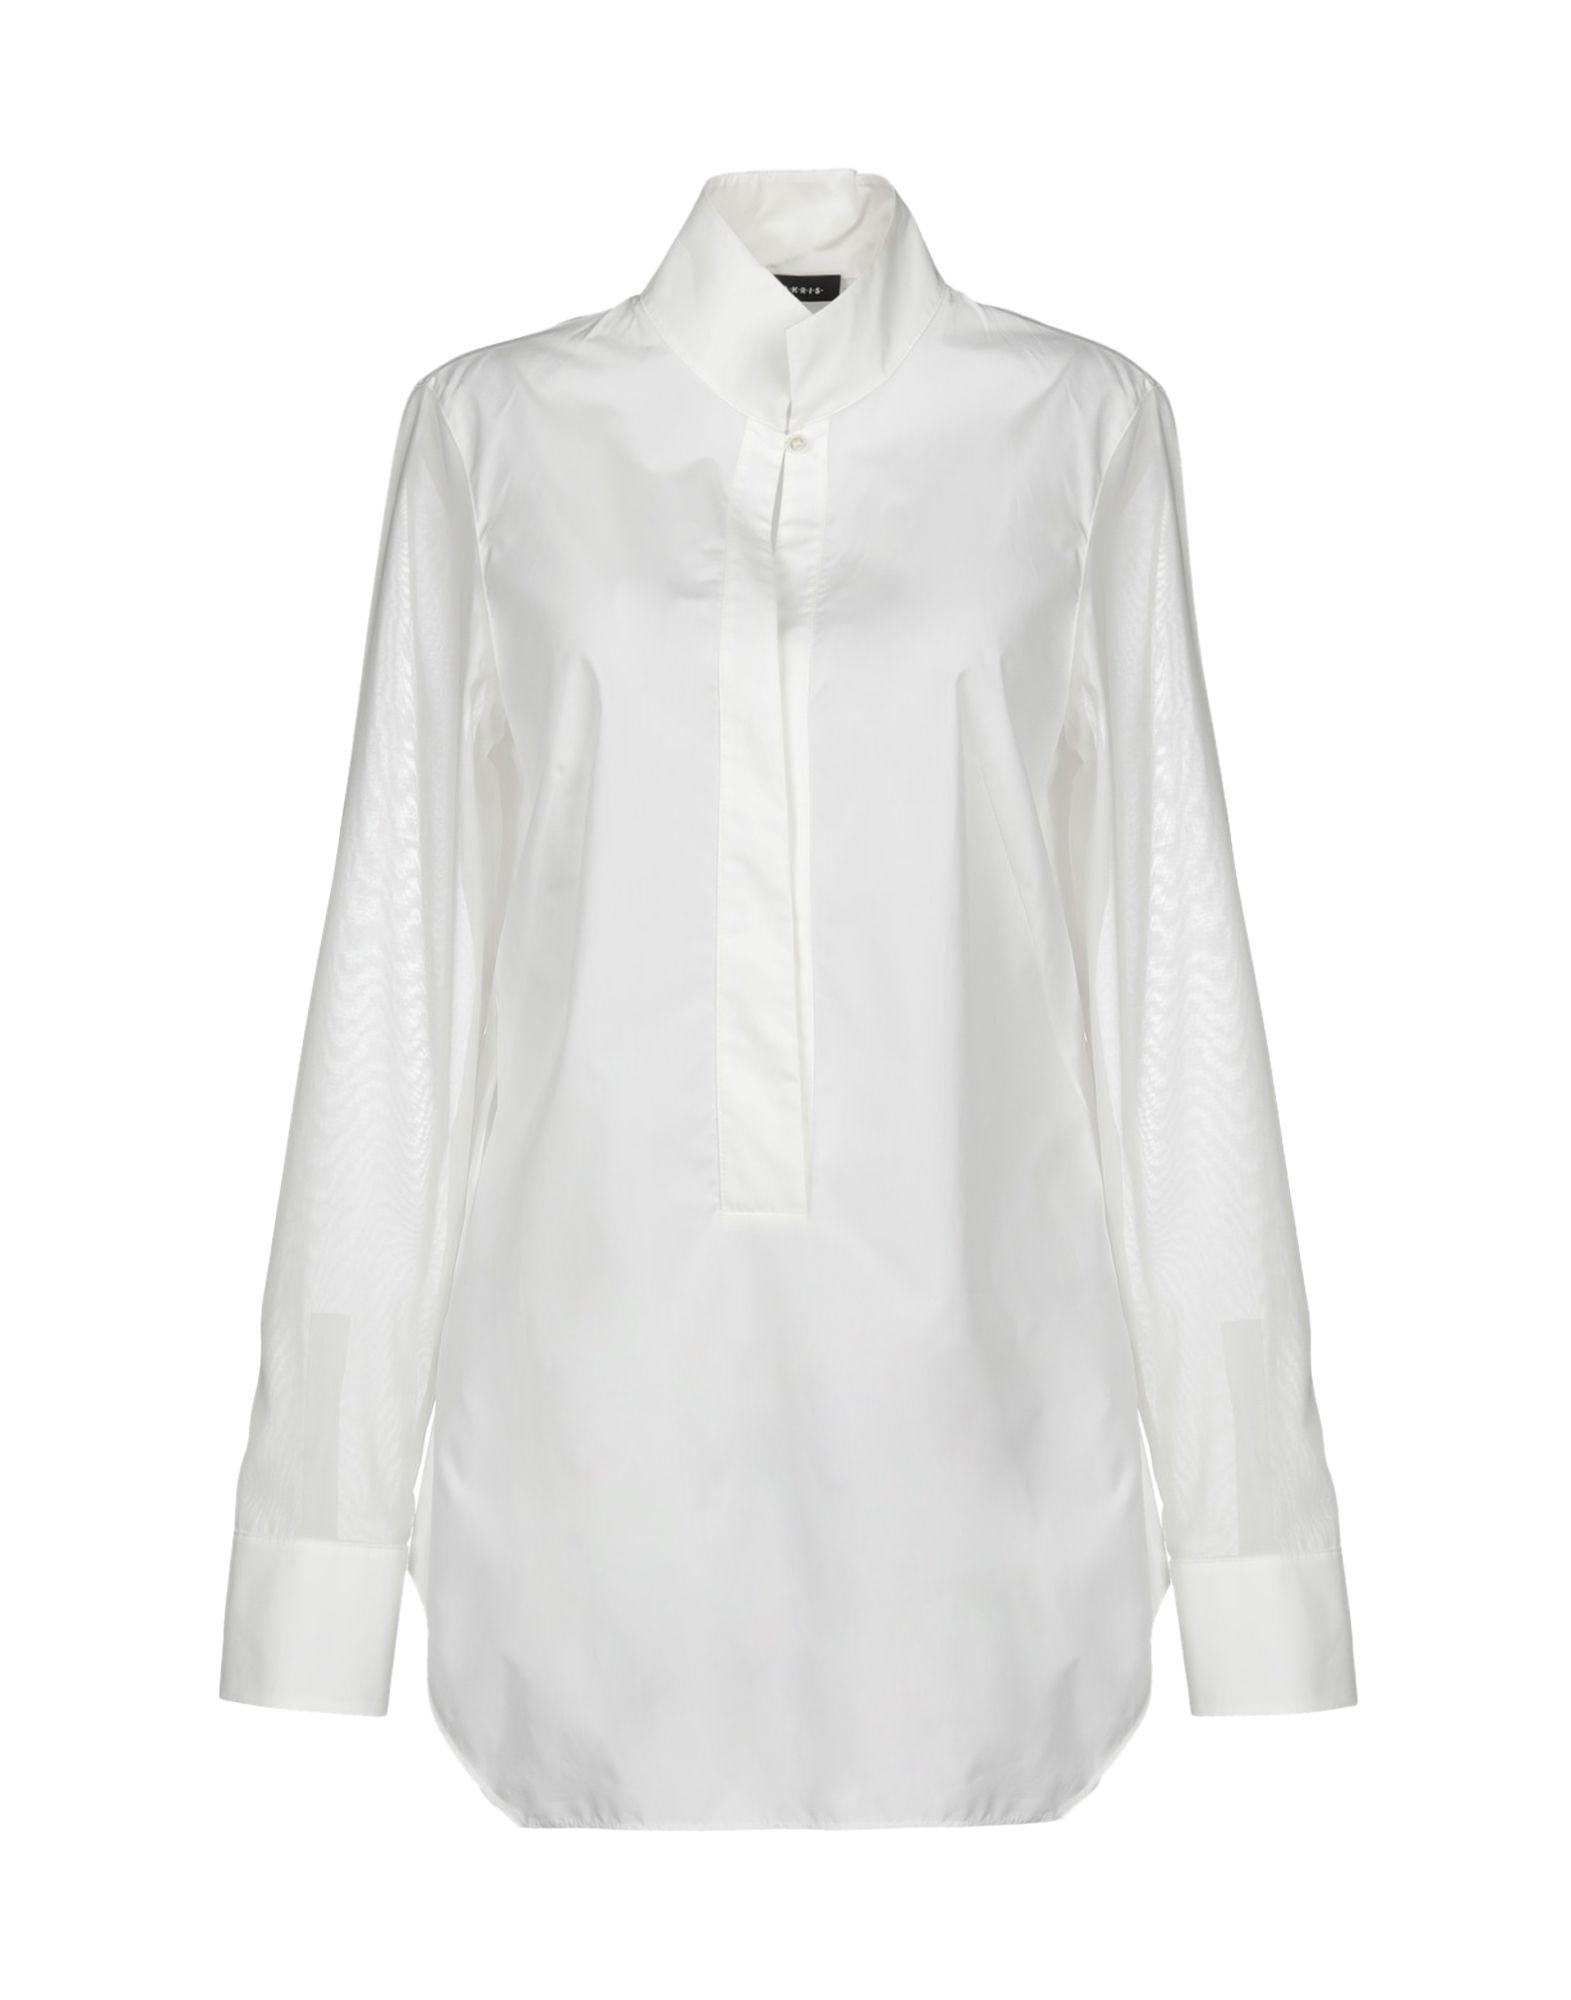 《送料無料》AKRIS レディース シャツ ホワイト 38 コットン 100%